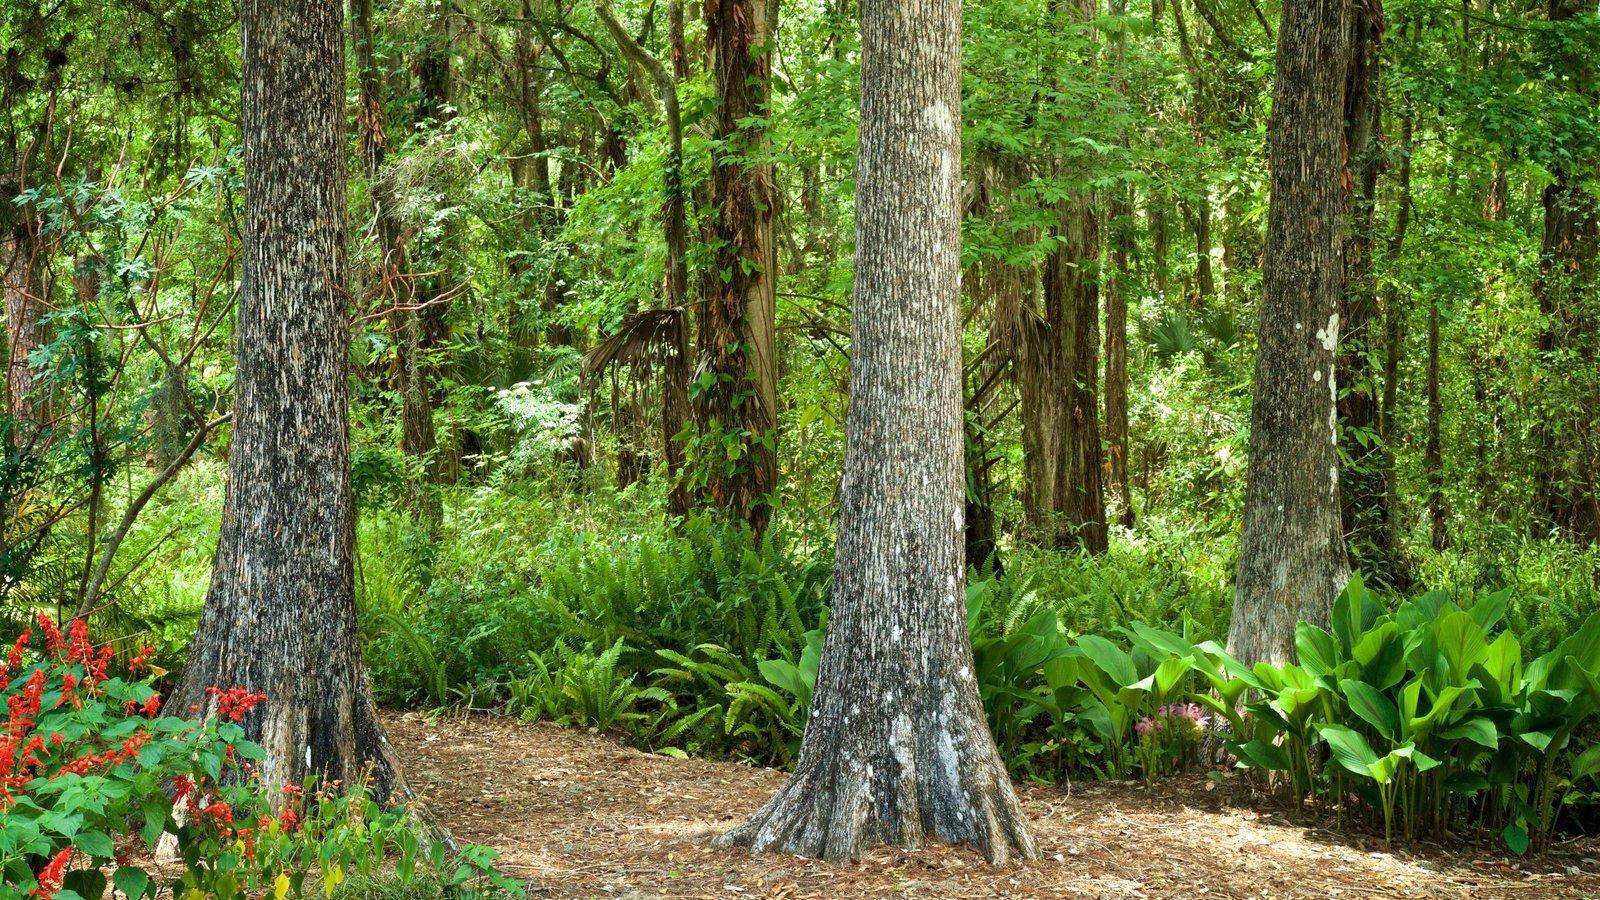 Parque regional Eureka Springs mostrando un parque